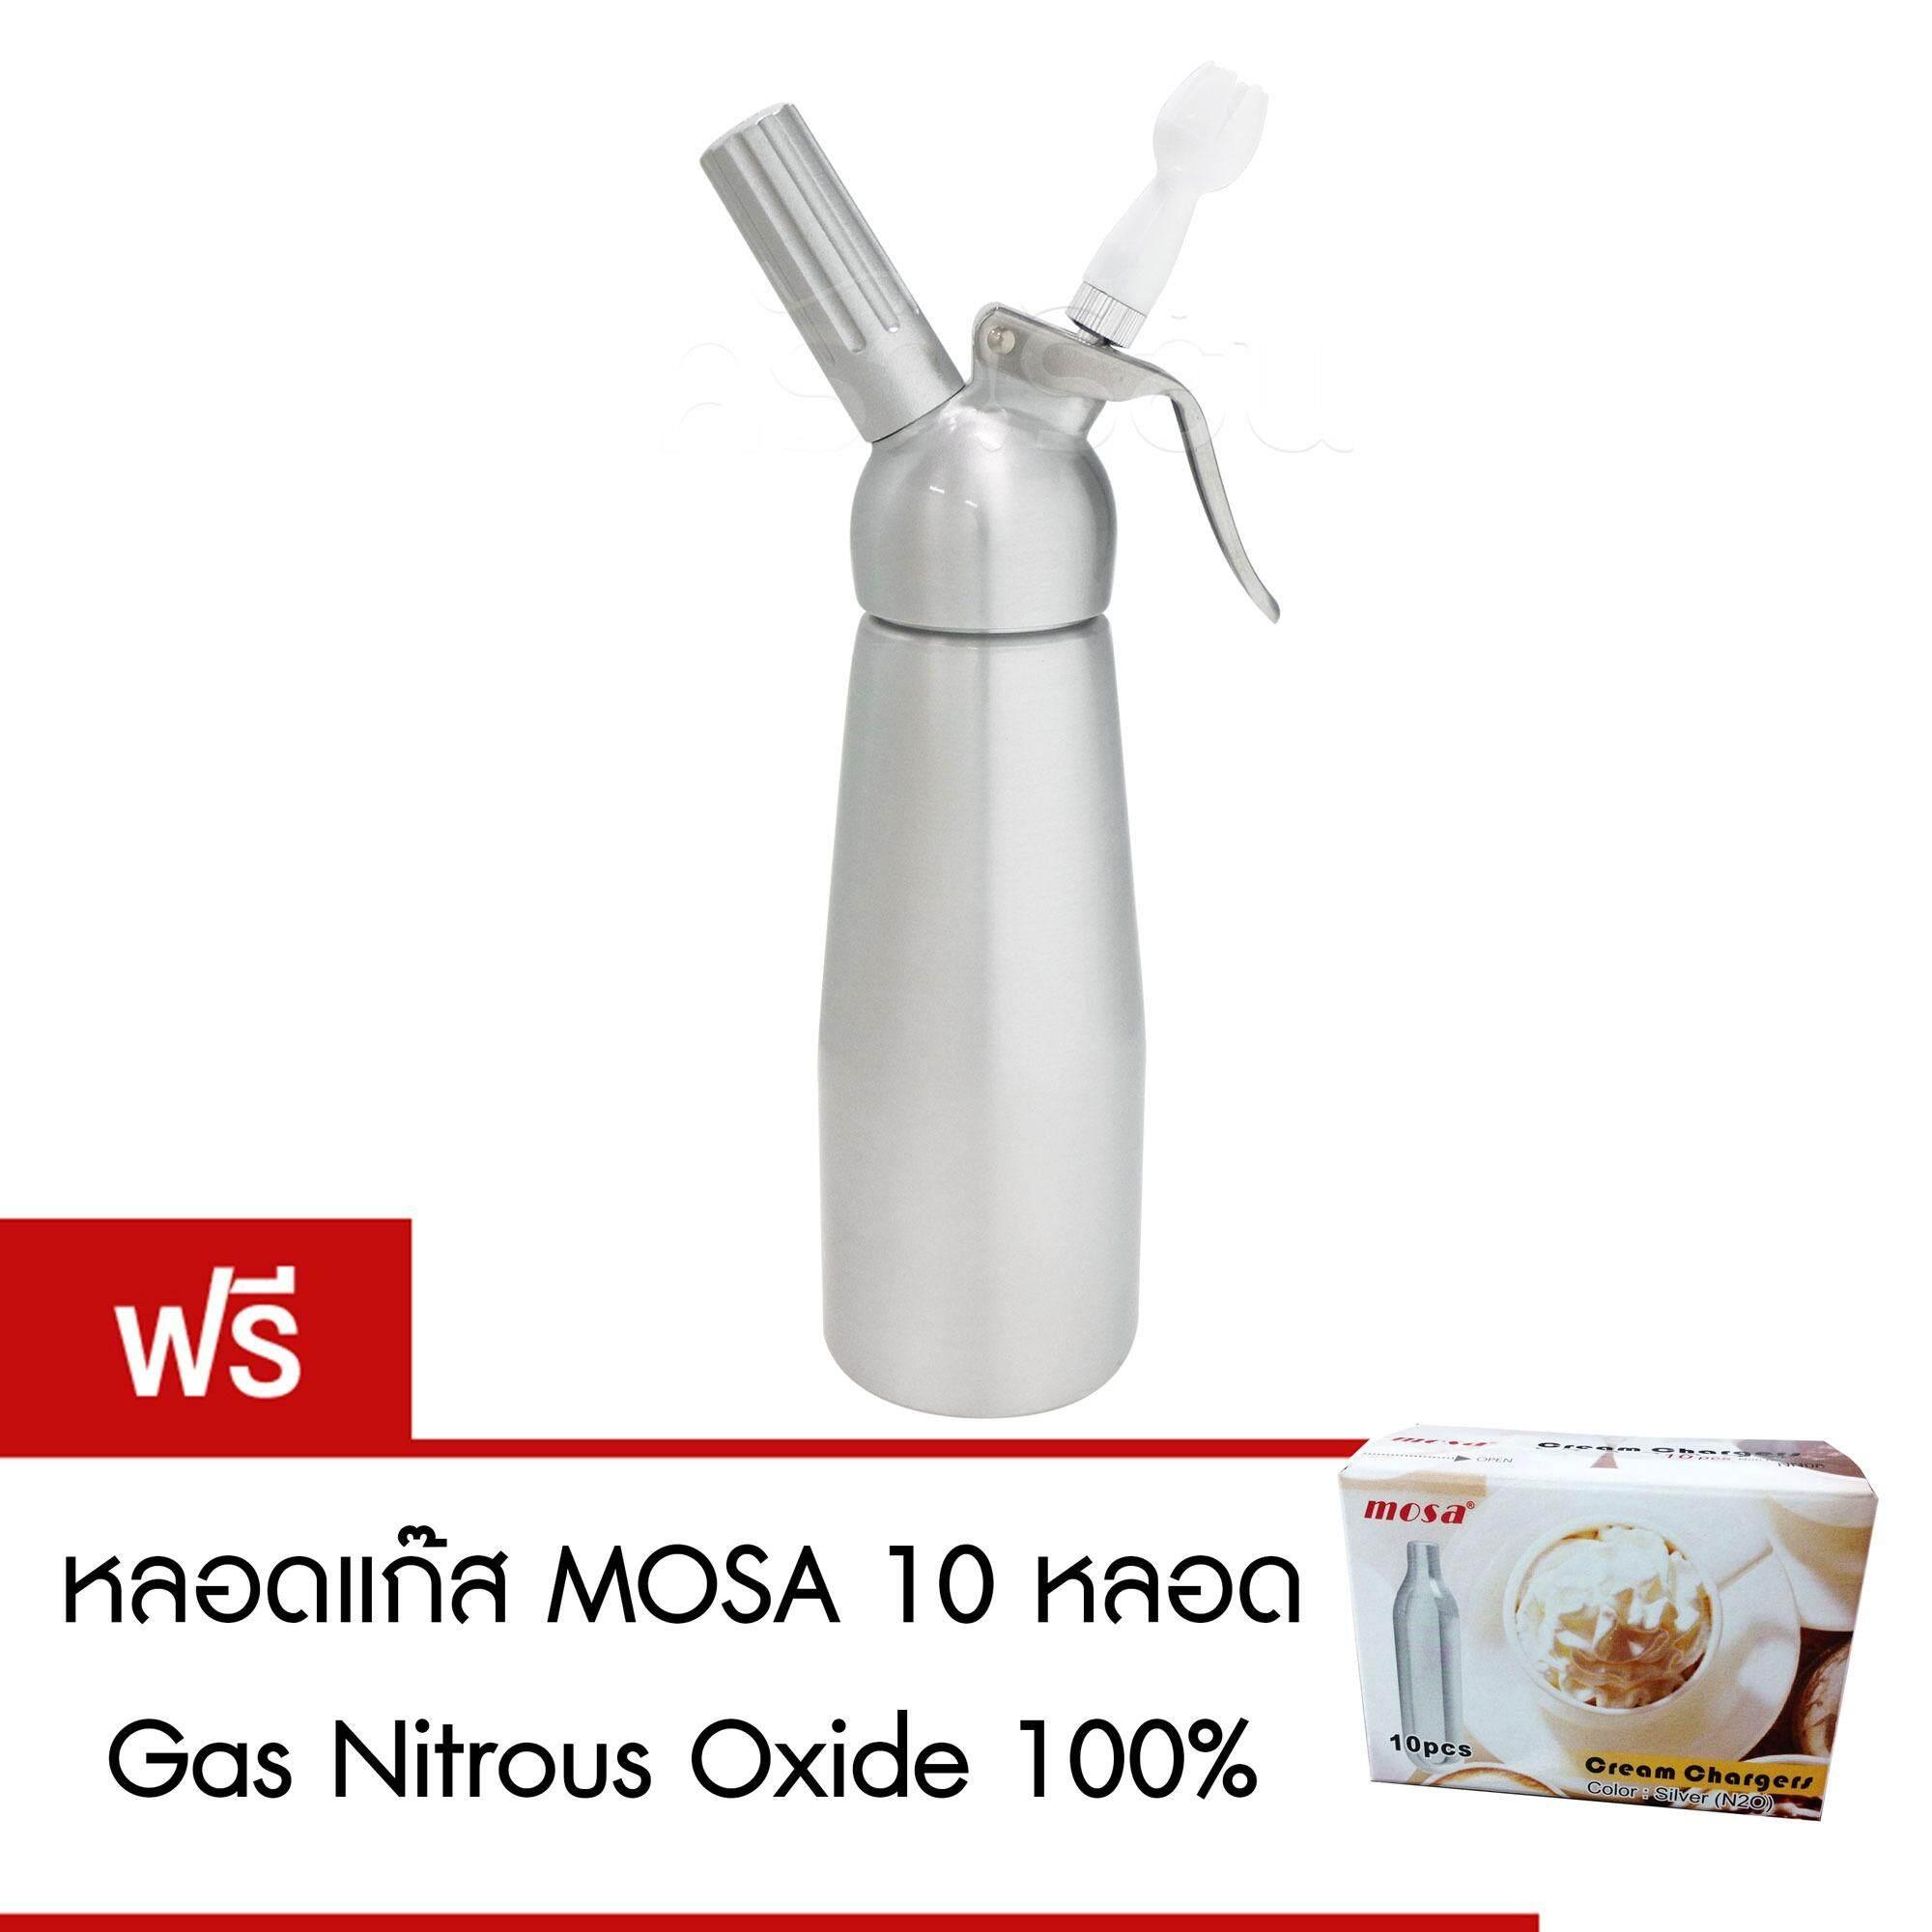 ราคา Mosa Cream Whipper ขวดวิปครีม 5 ลิตร พร้อมหัวฉีดอลูมิเนียม ฟรี หลอดแก๊ส Mosa 10 หลอด เป็นต้นฉบับ Mosa